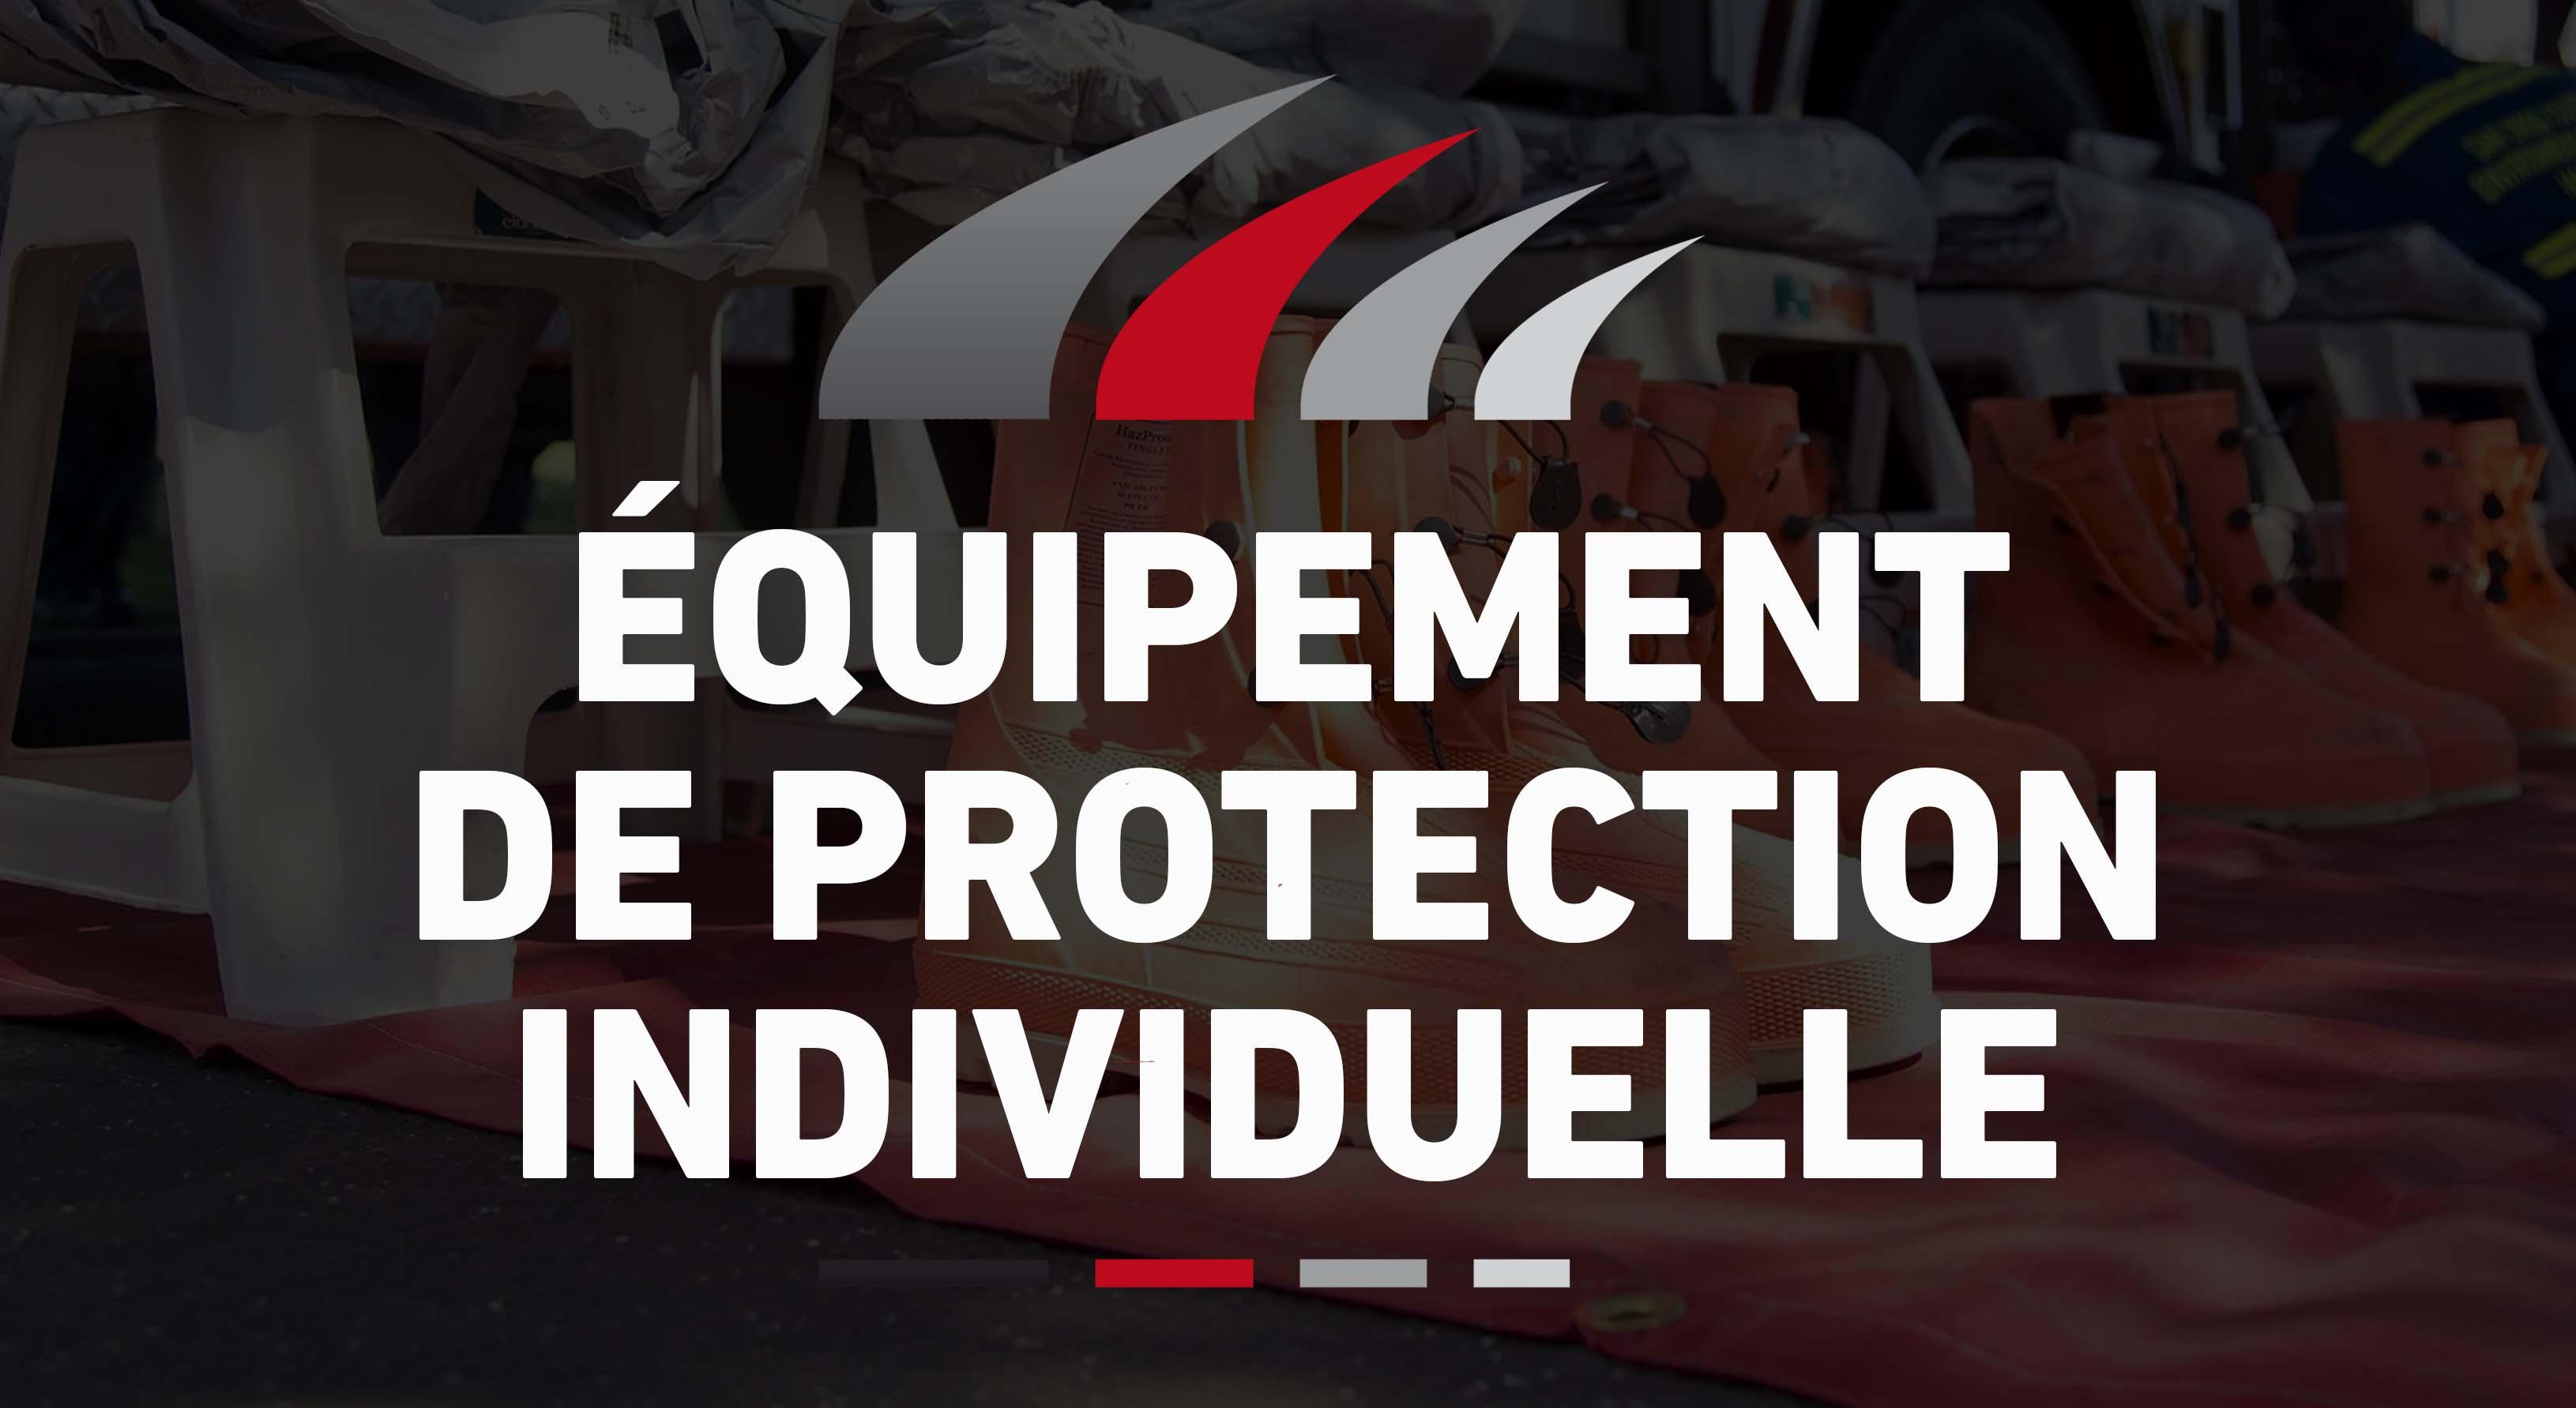 image matériel - équipemement de protection individuelle